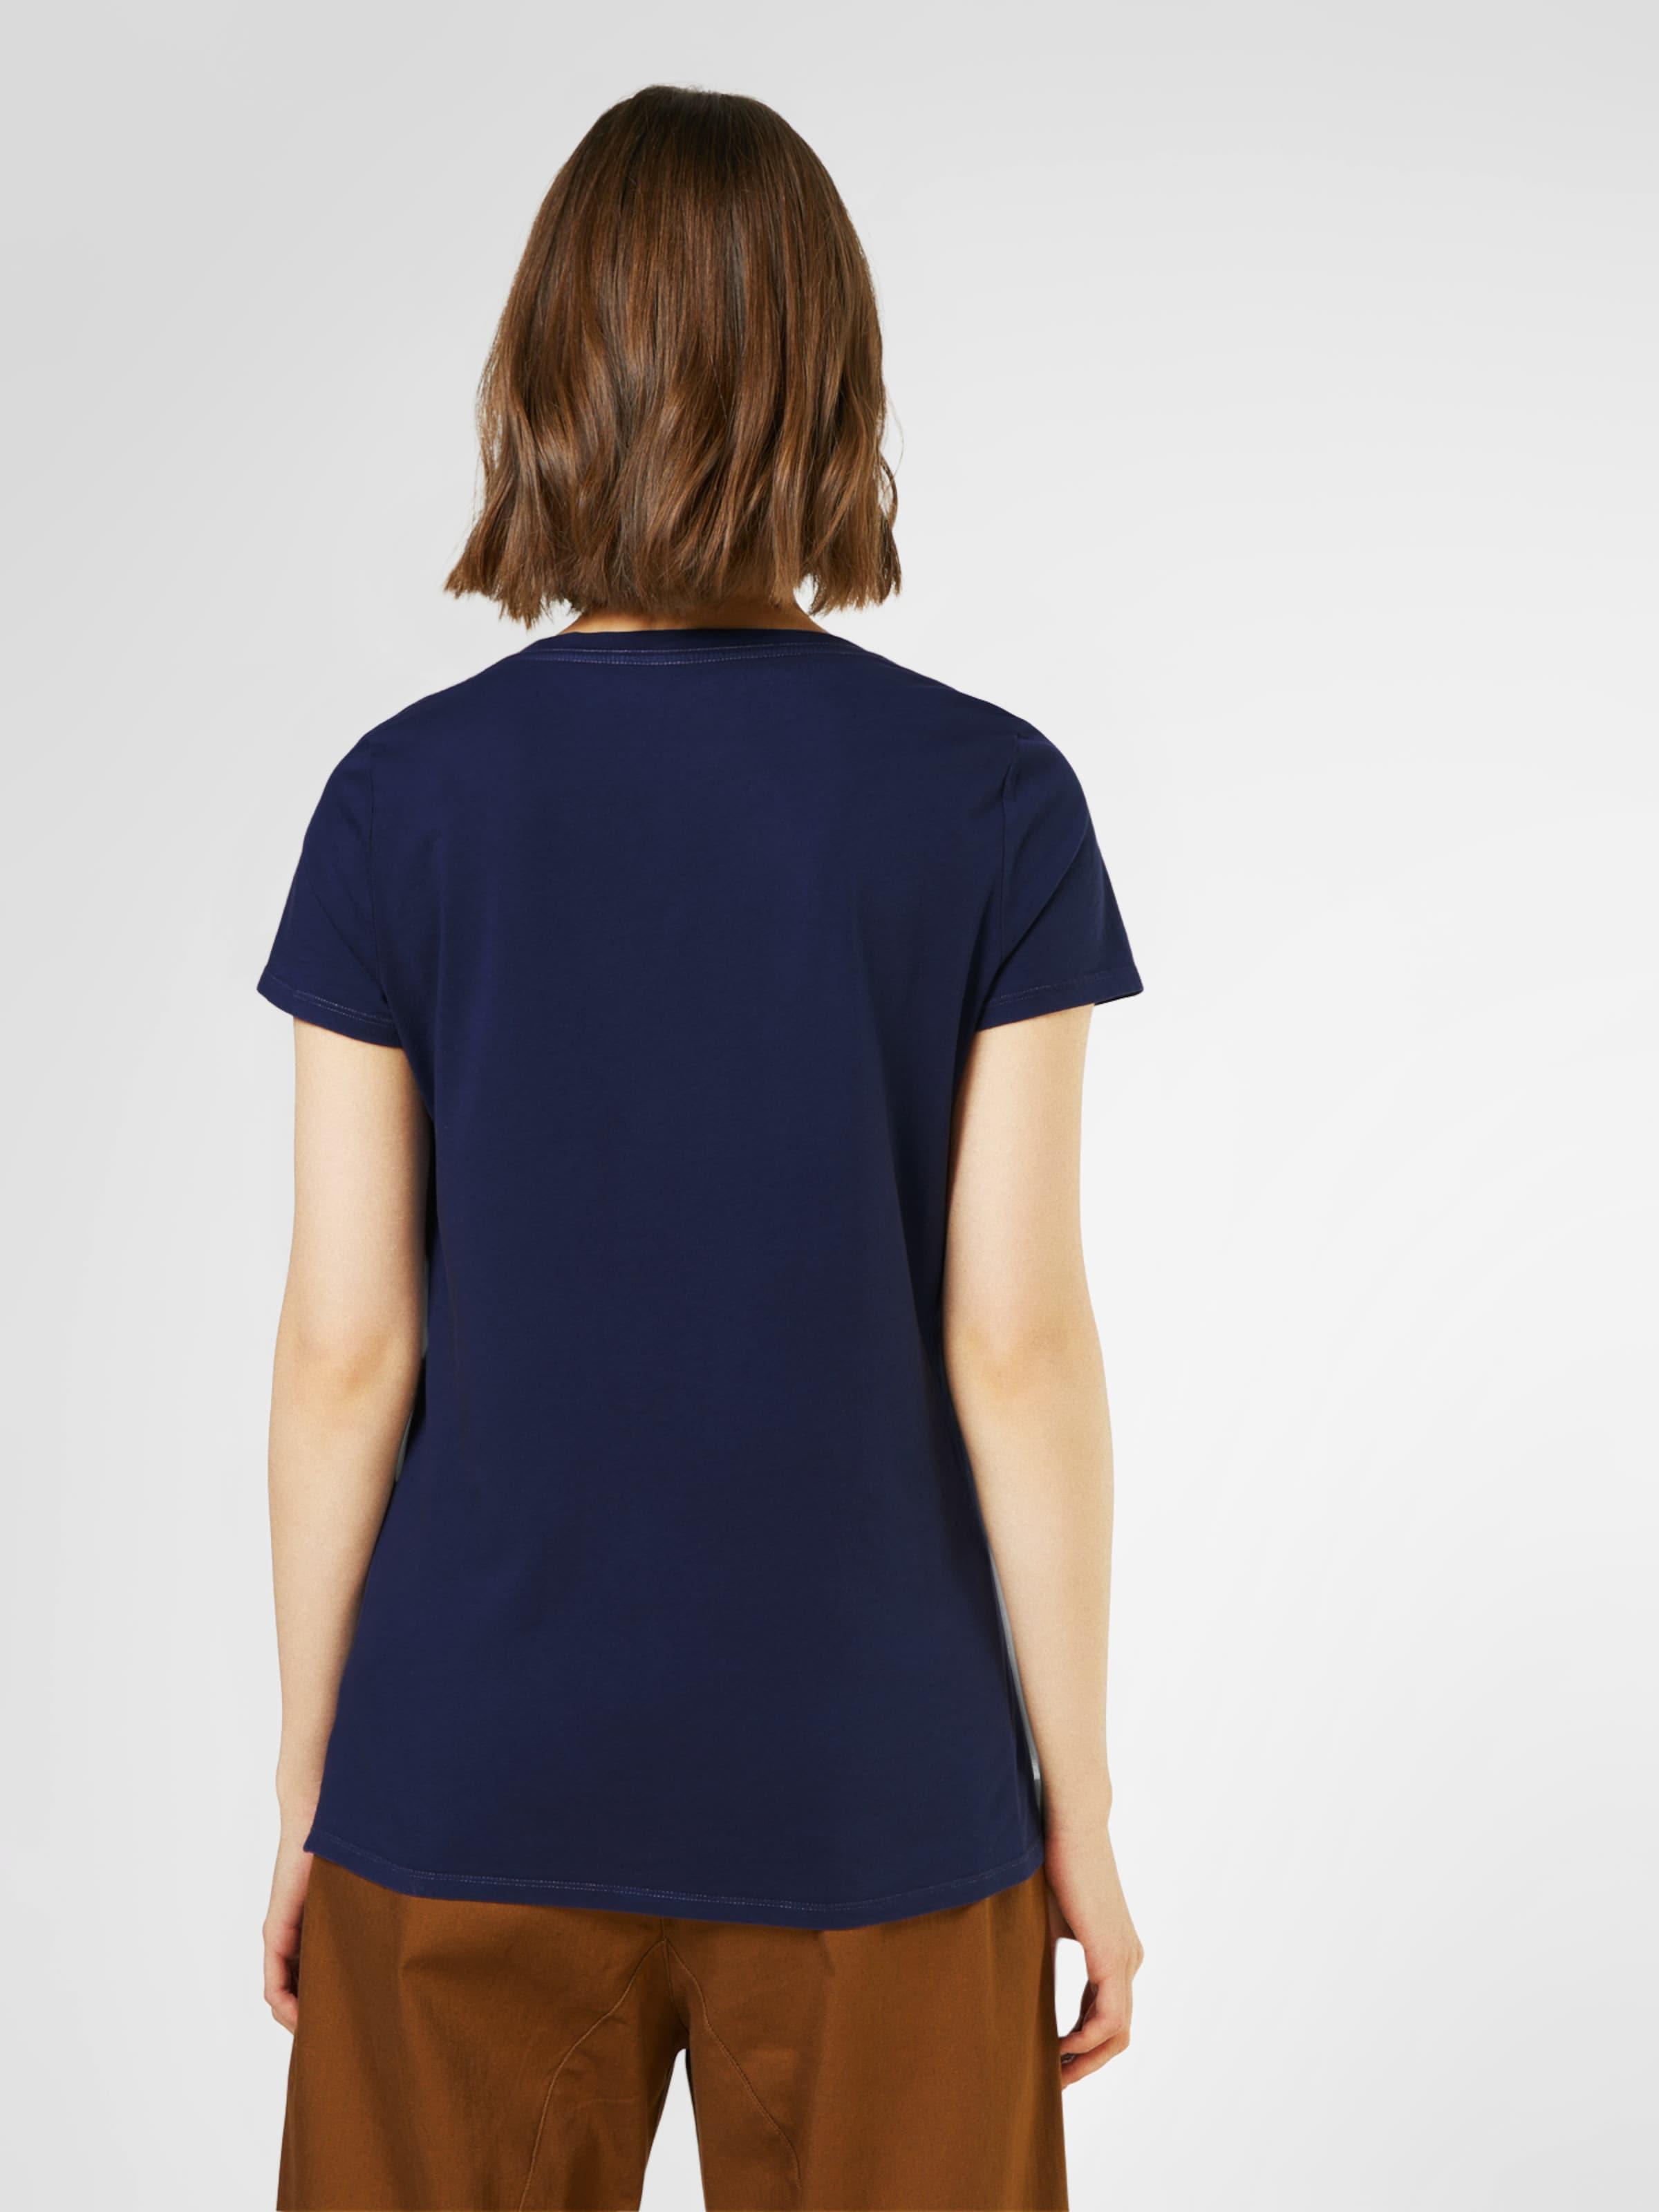 Für Schön Verkauf Outlet-Store GAP T-Shirt 'VINT RIB' Sneakernews 6XicH